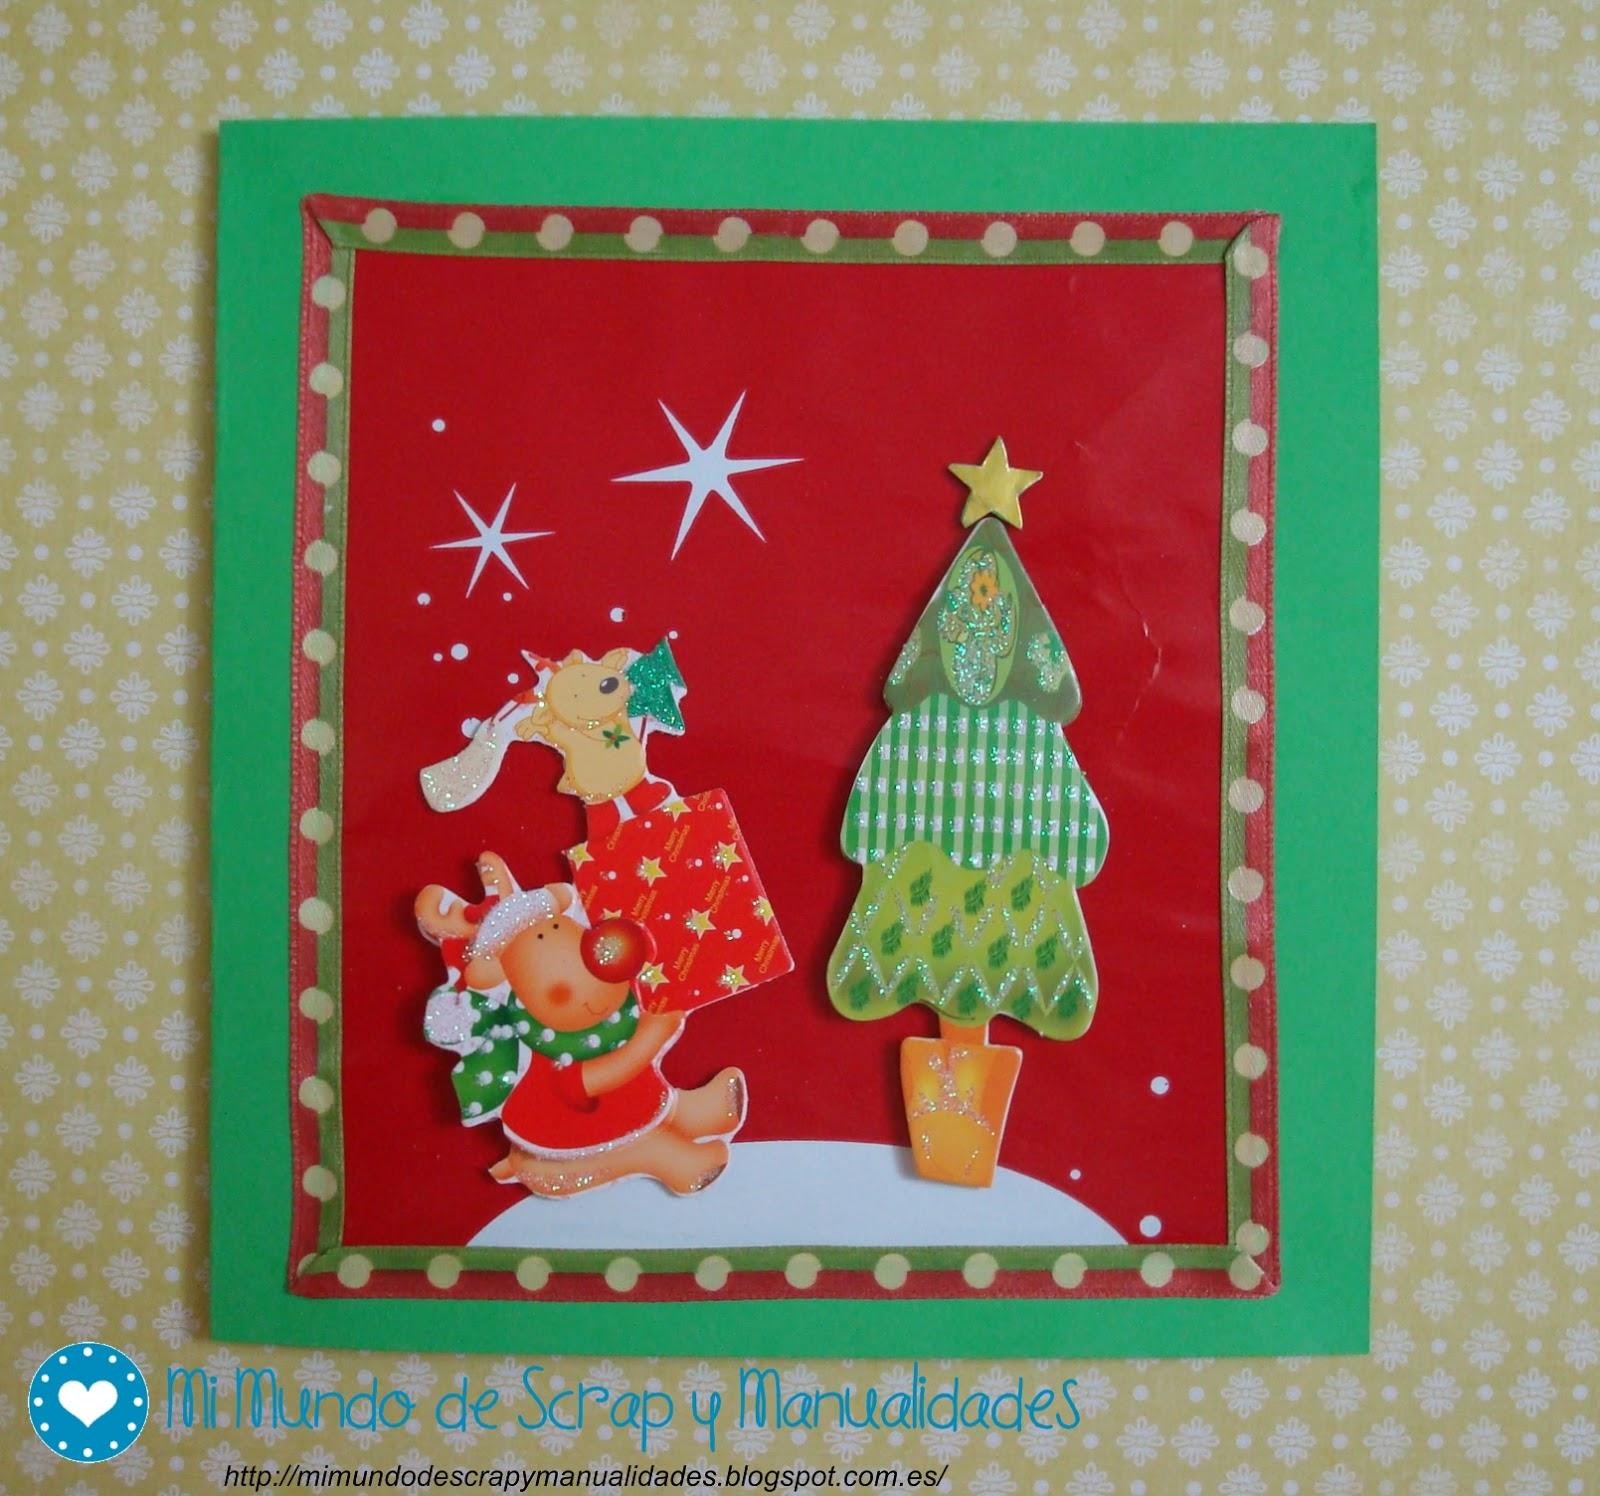 Mi mundo de scrap y manualidades postal de navidad 8 - Tarjeta navidad manualidades ...